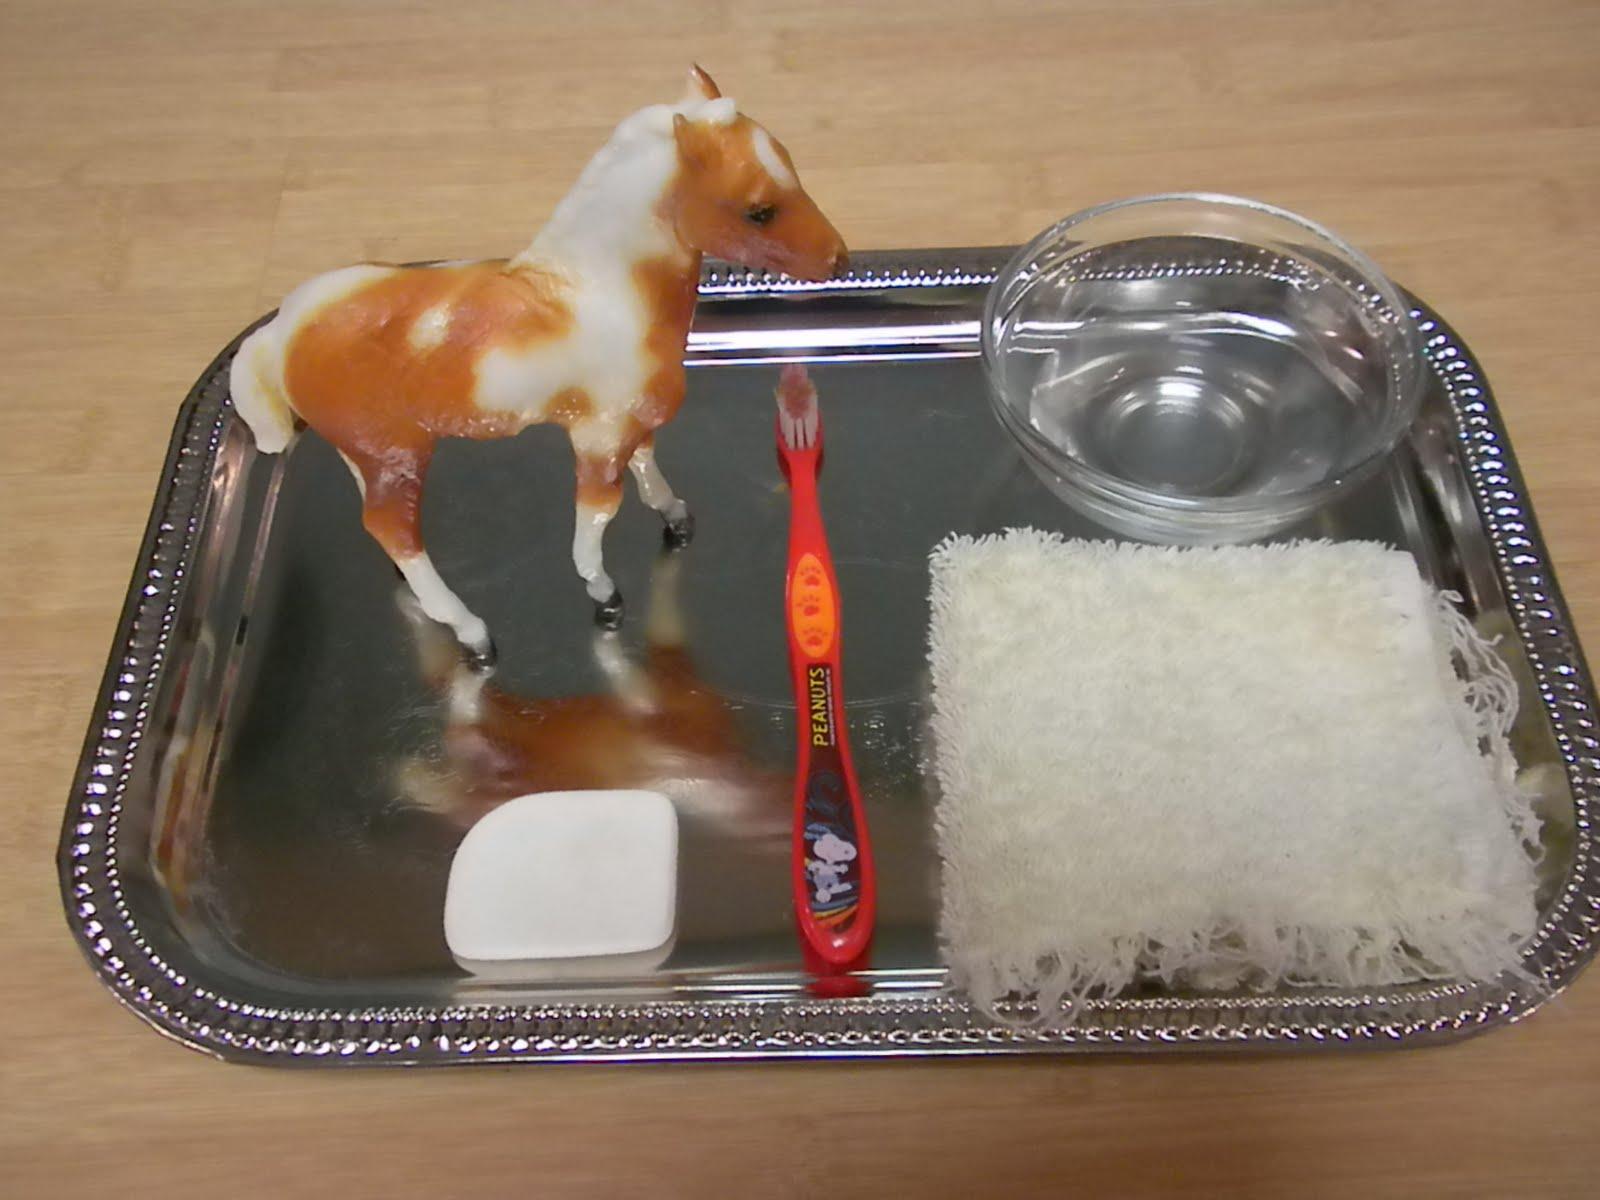 washing-the-horse-kids-activities.JPG